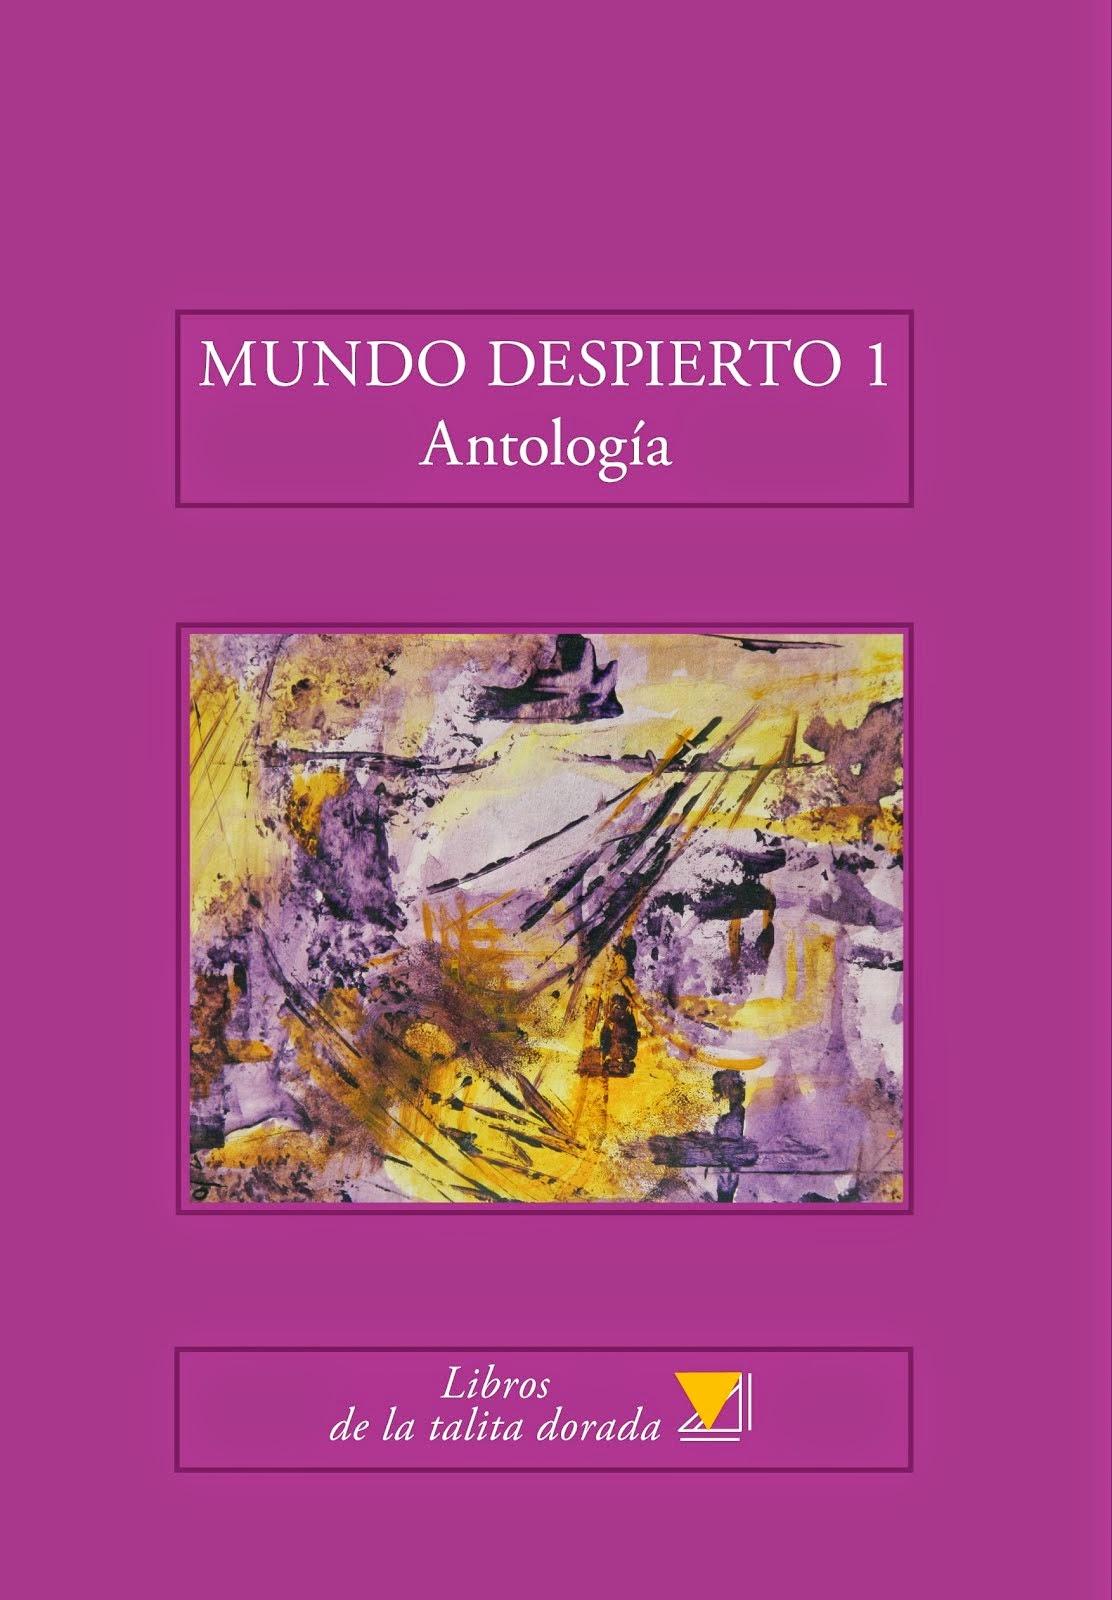 MUNDO DESPIERTO 1 Antología